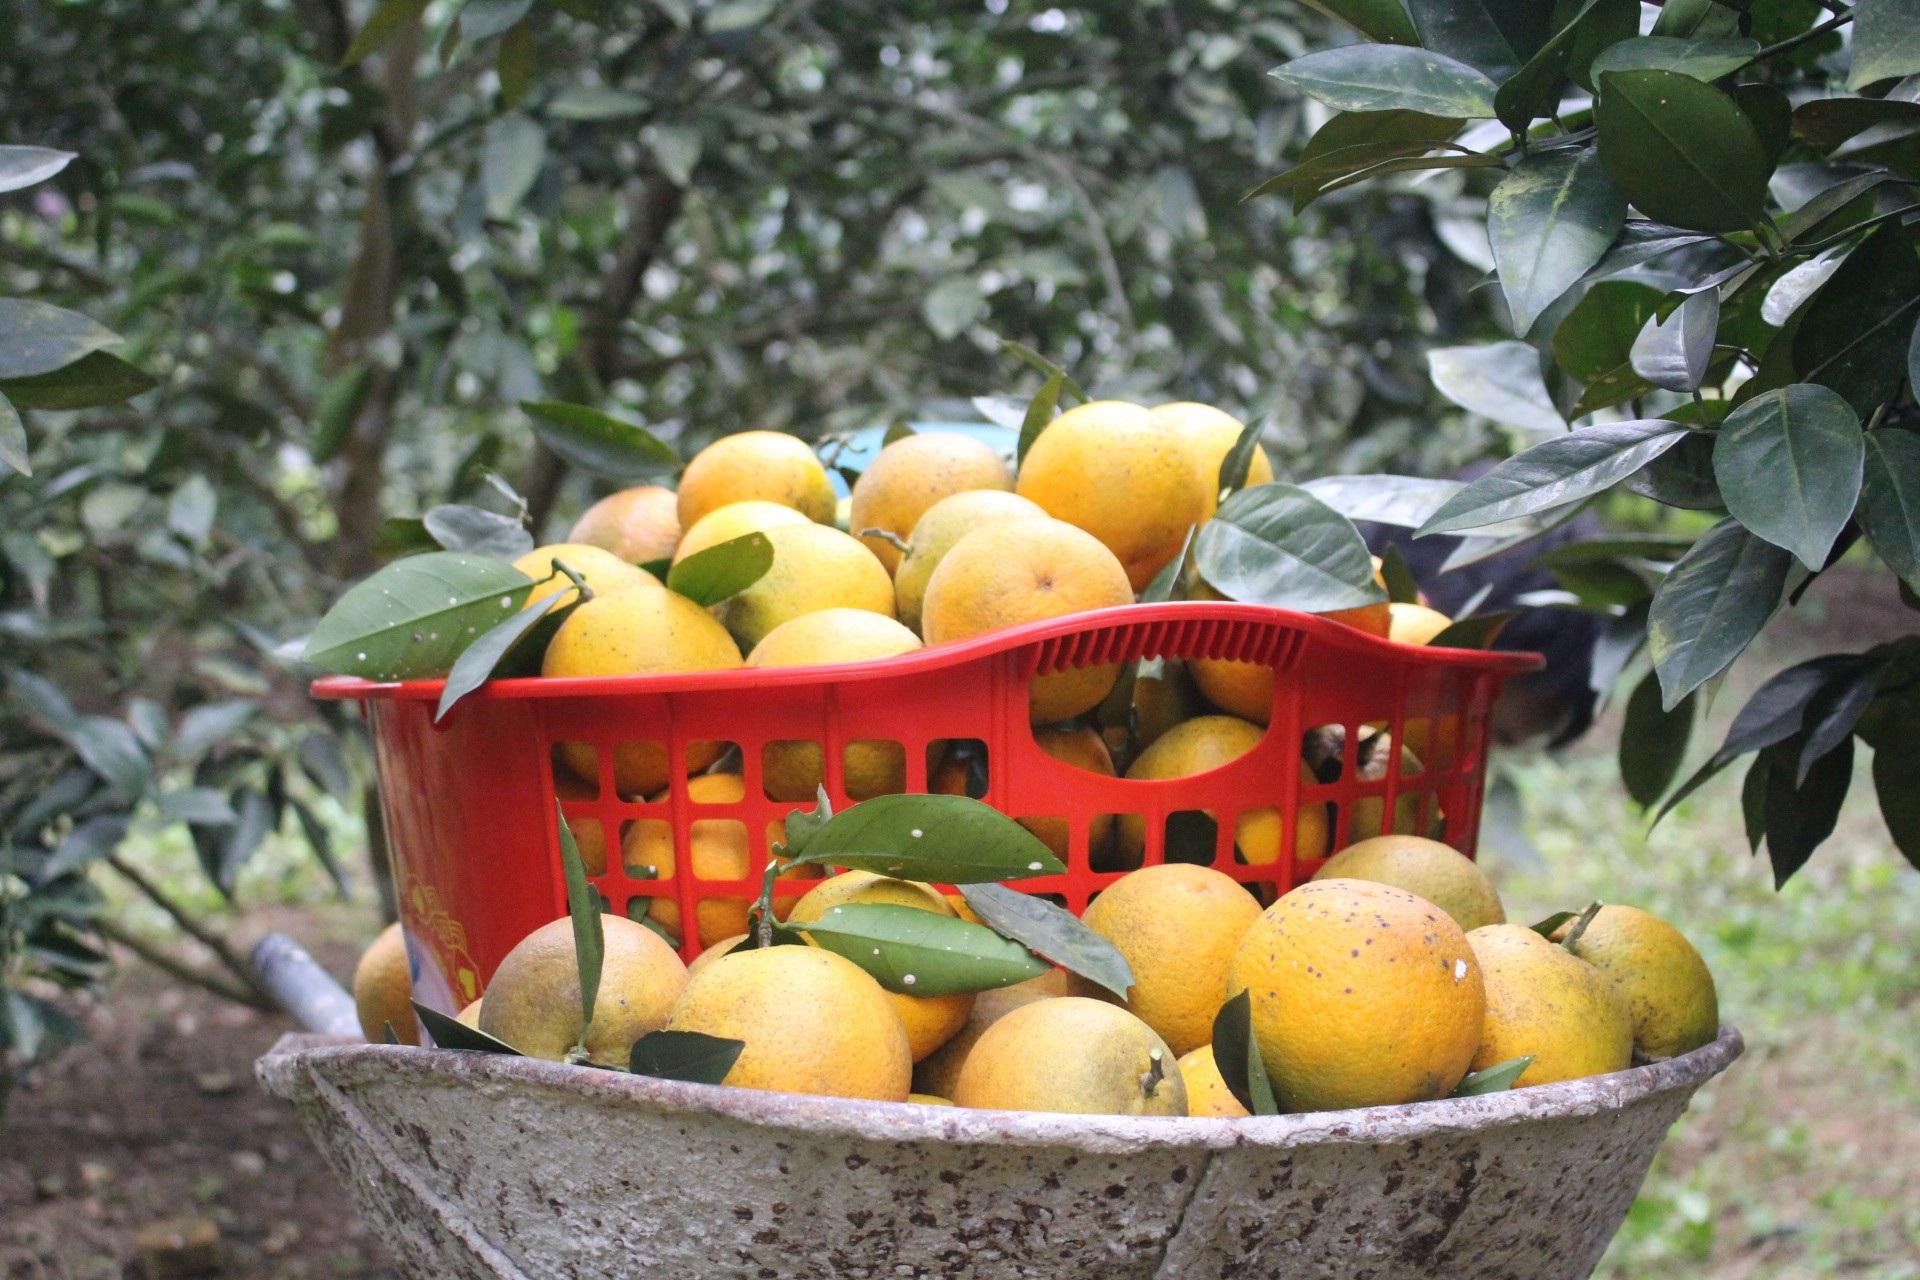 """Mê mẩn nhìn những vườn cam chín mọng chuẩn bị """"bung lụa"""" cho Tết Nguyên Đán - Ảnh 9."""